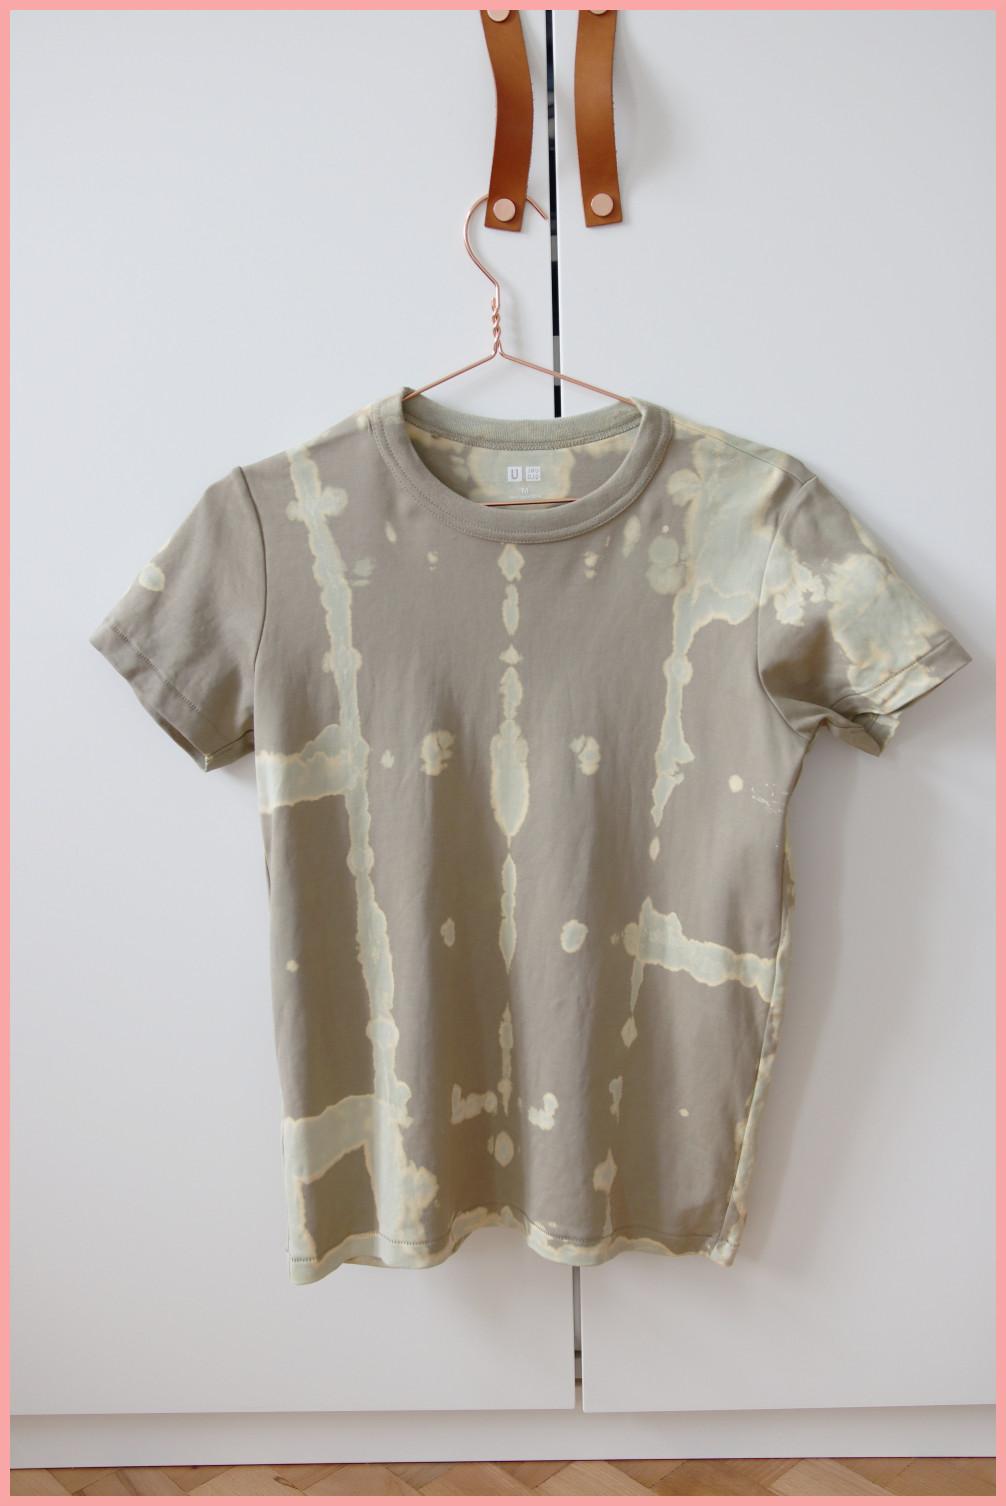 T-Shirt selber gestalten - Ergebnis bleichen